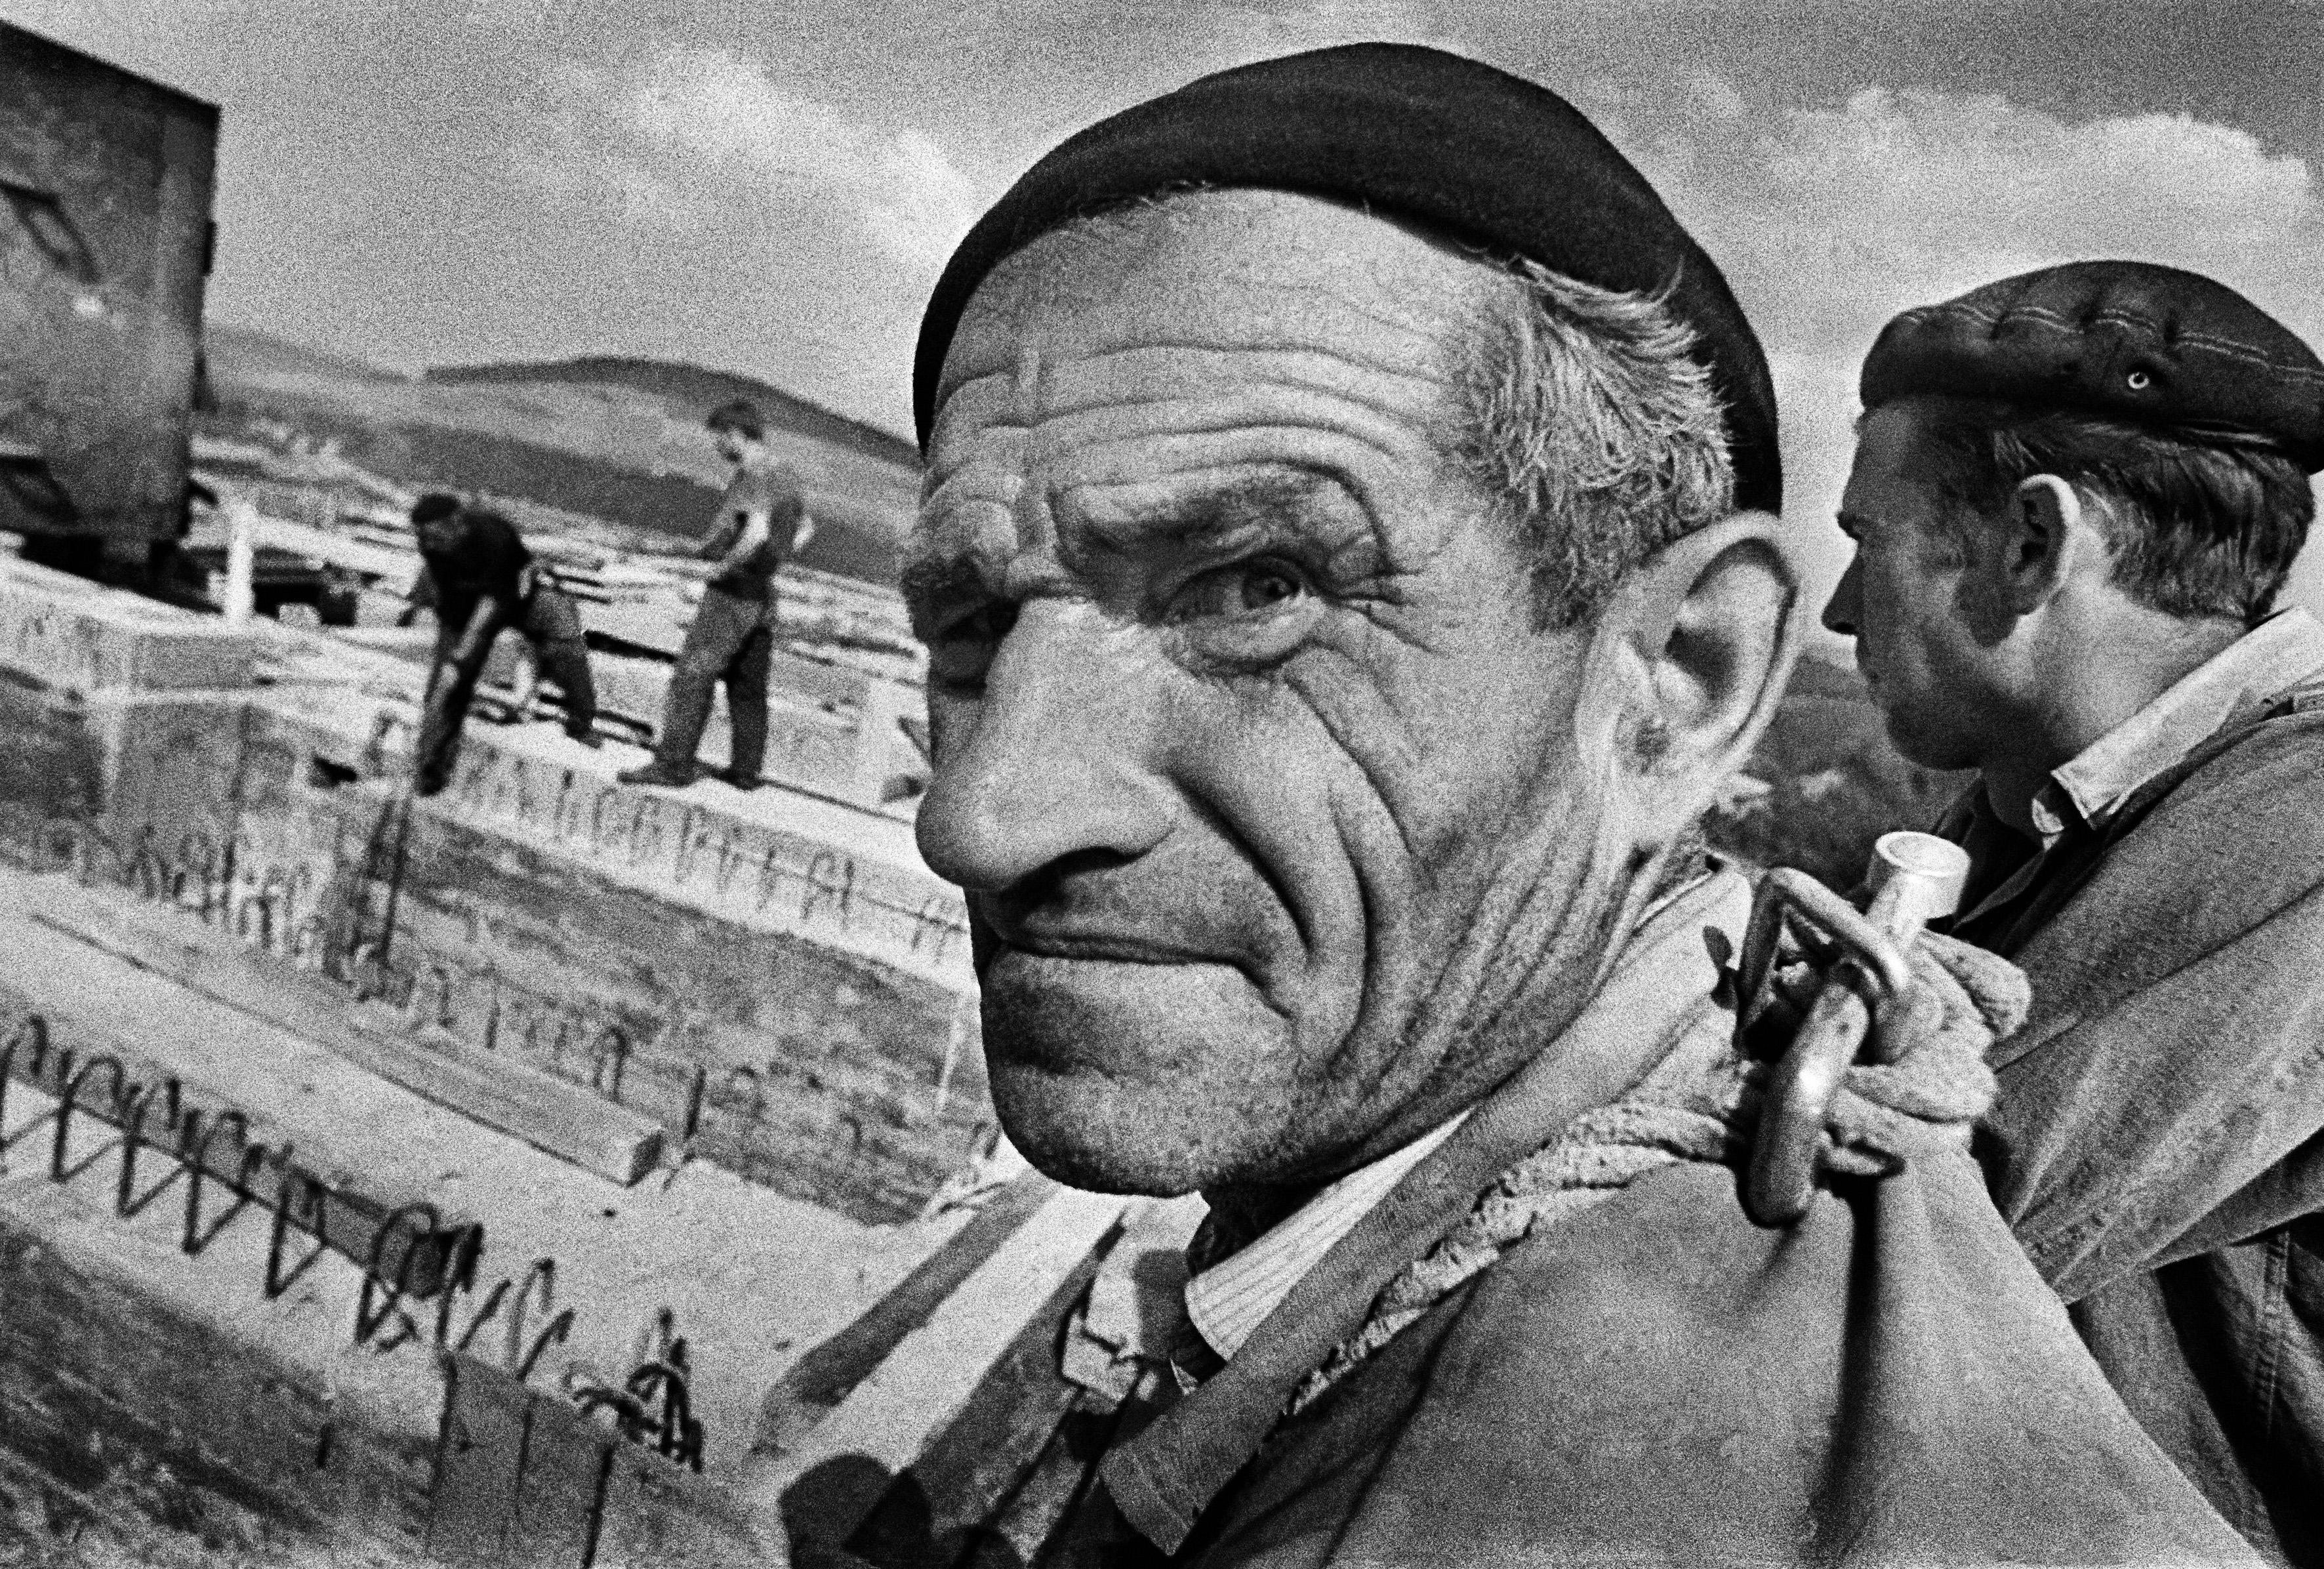 Solina, 09.1967. Budowa zapory na Sanie, n/z jeden z robotników. Fot. Aleksander Jałosiński / FORUM